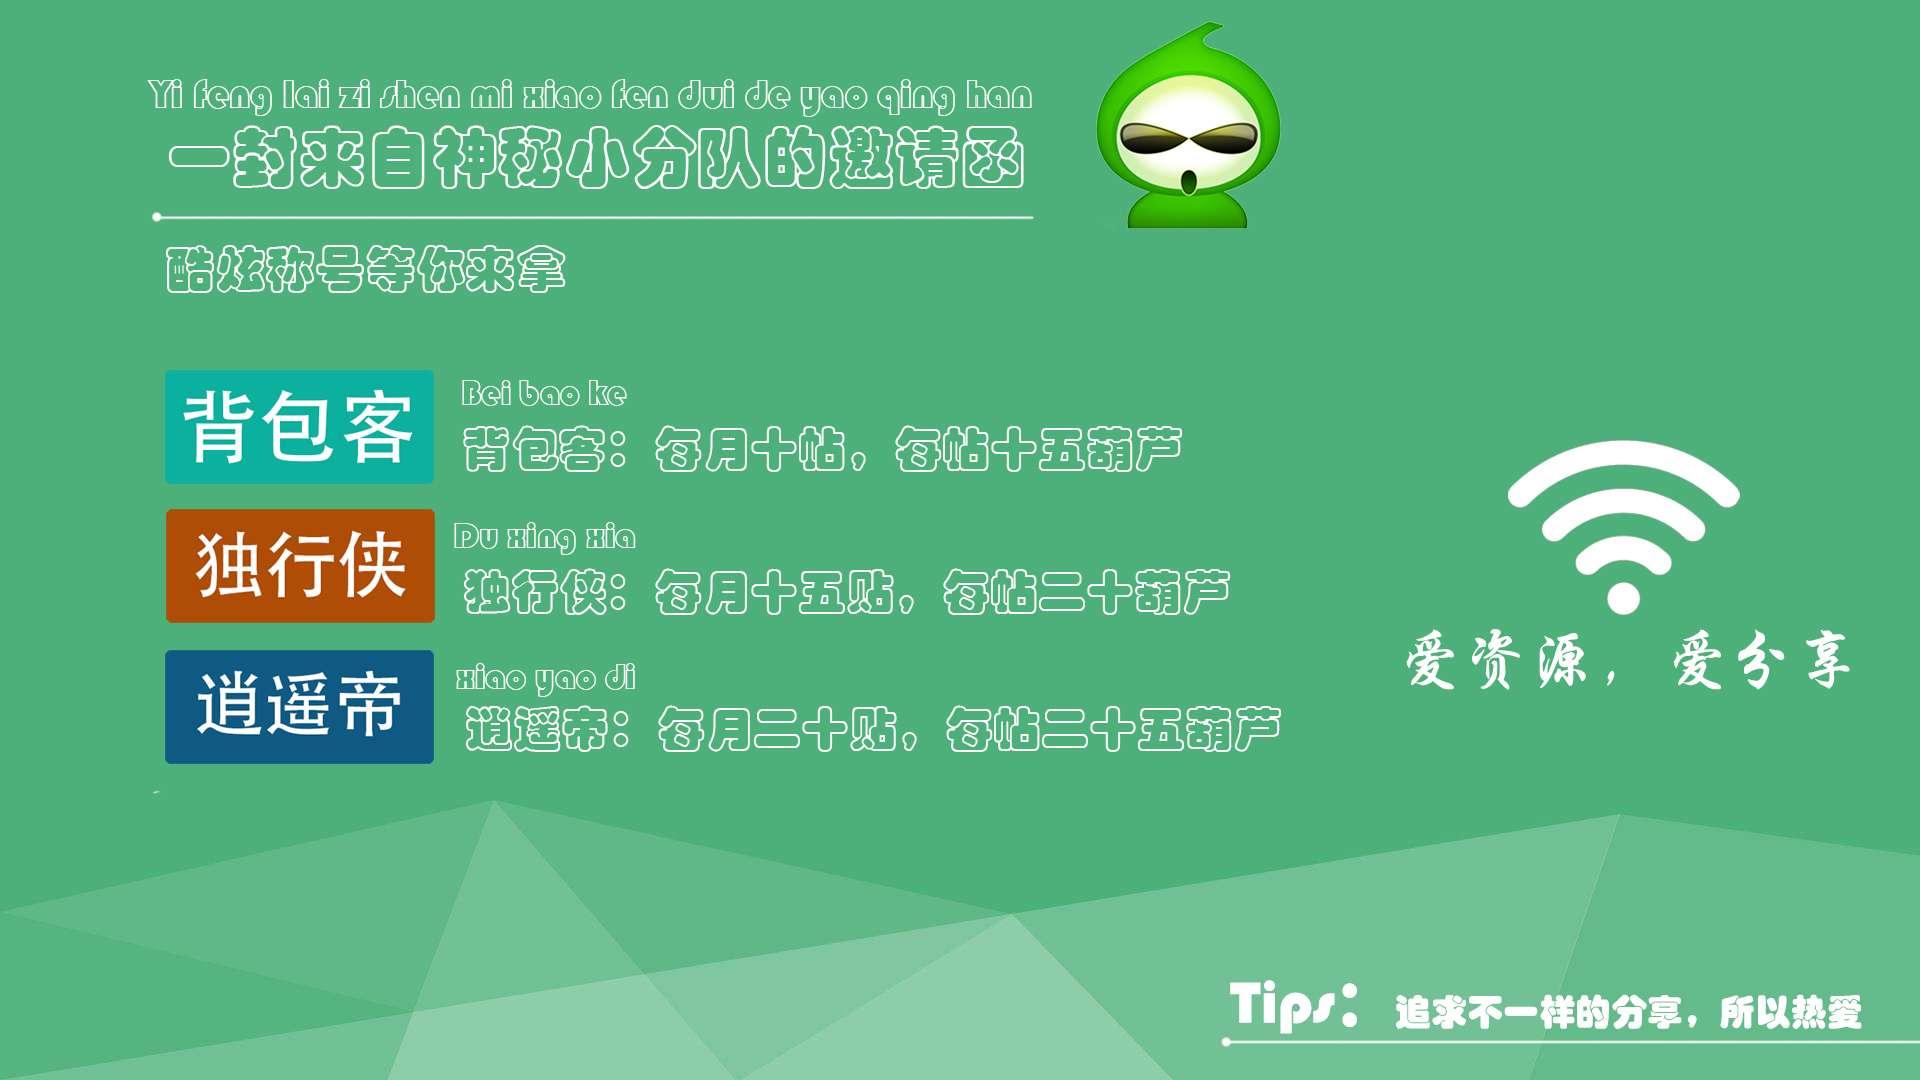 【资源分享】Gamers GLTool Pro(游戏神器)-爱小助